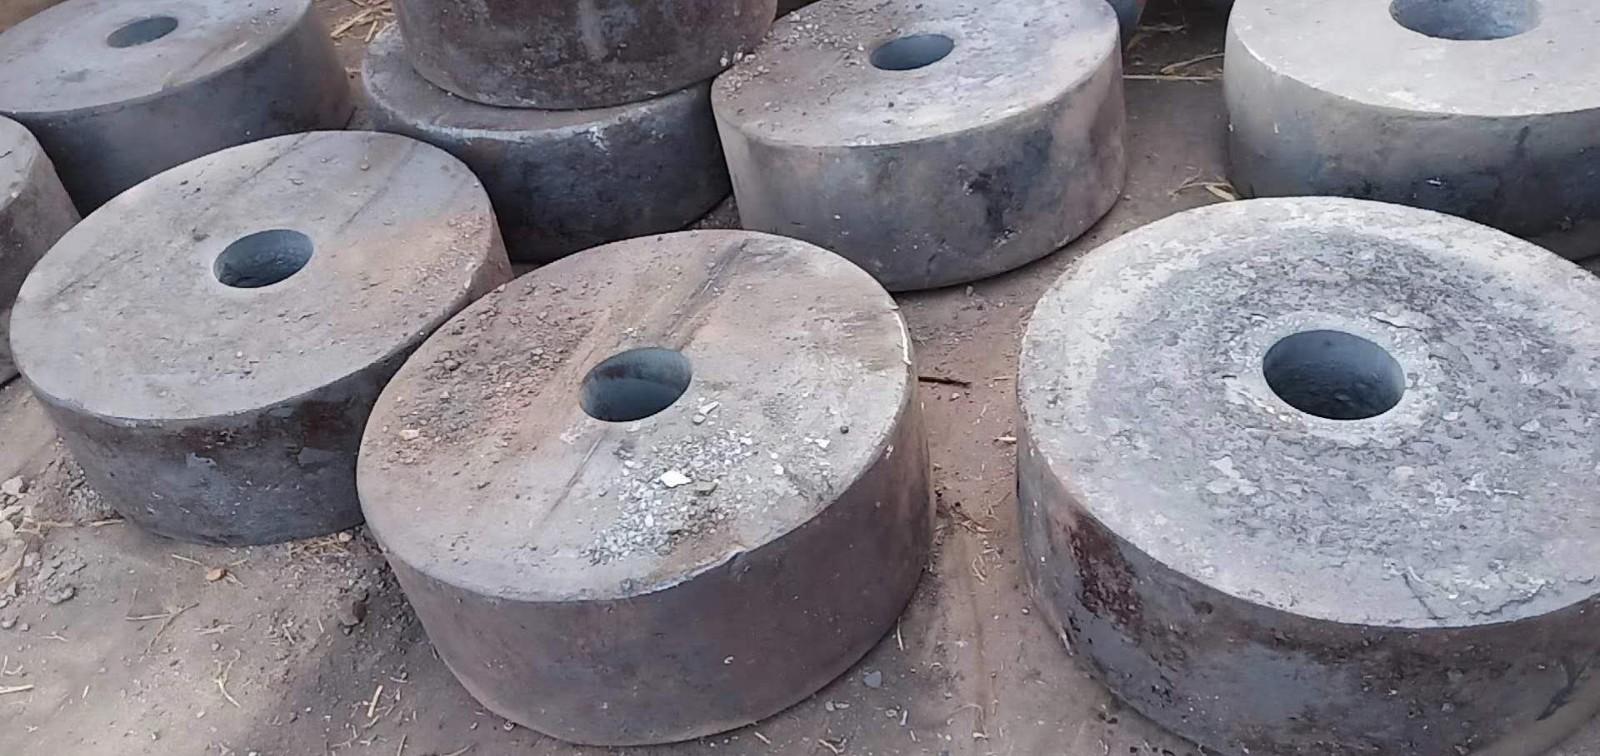 袁州区回收废油漆桶处理专业危废处理公司